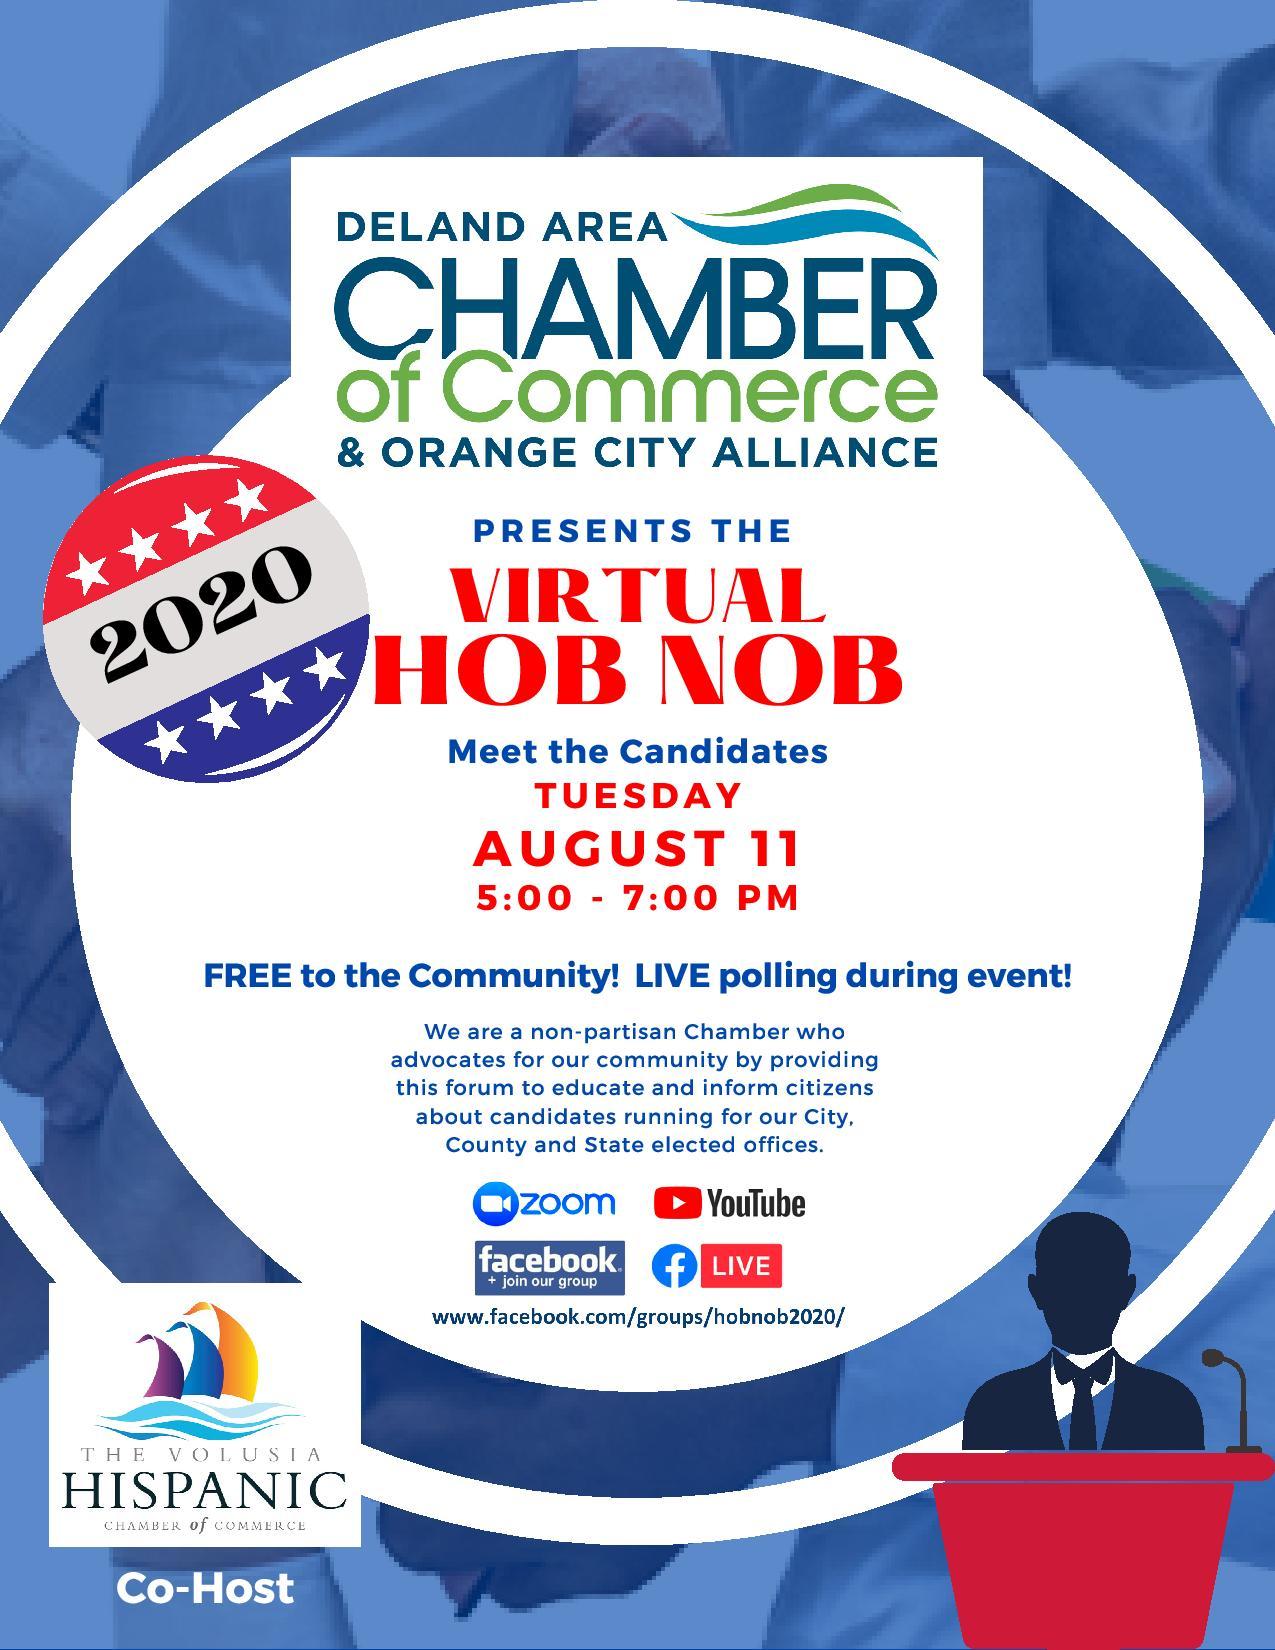 2020 Political HOB NOB (Virtual)